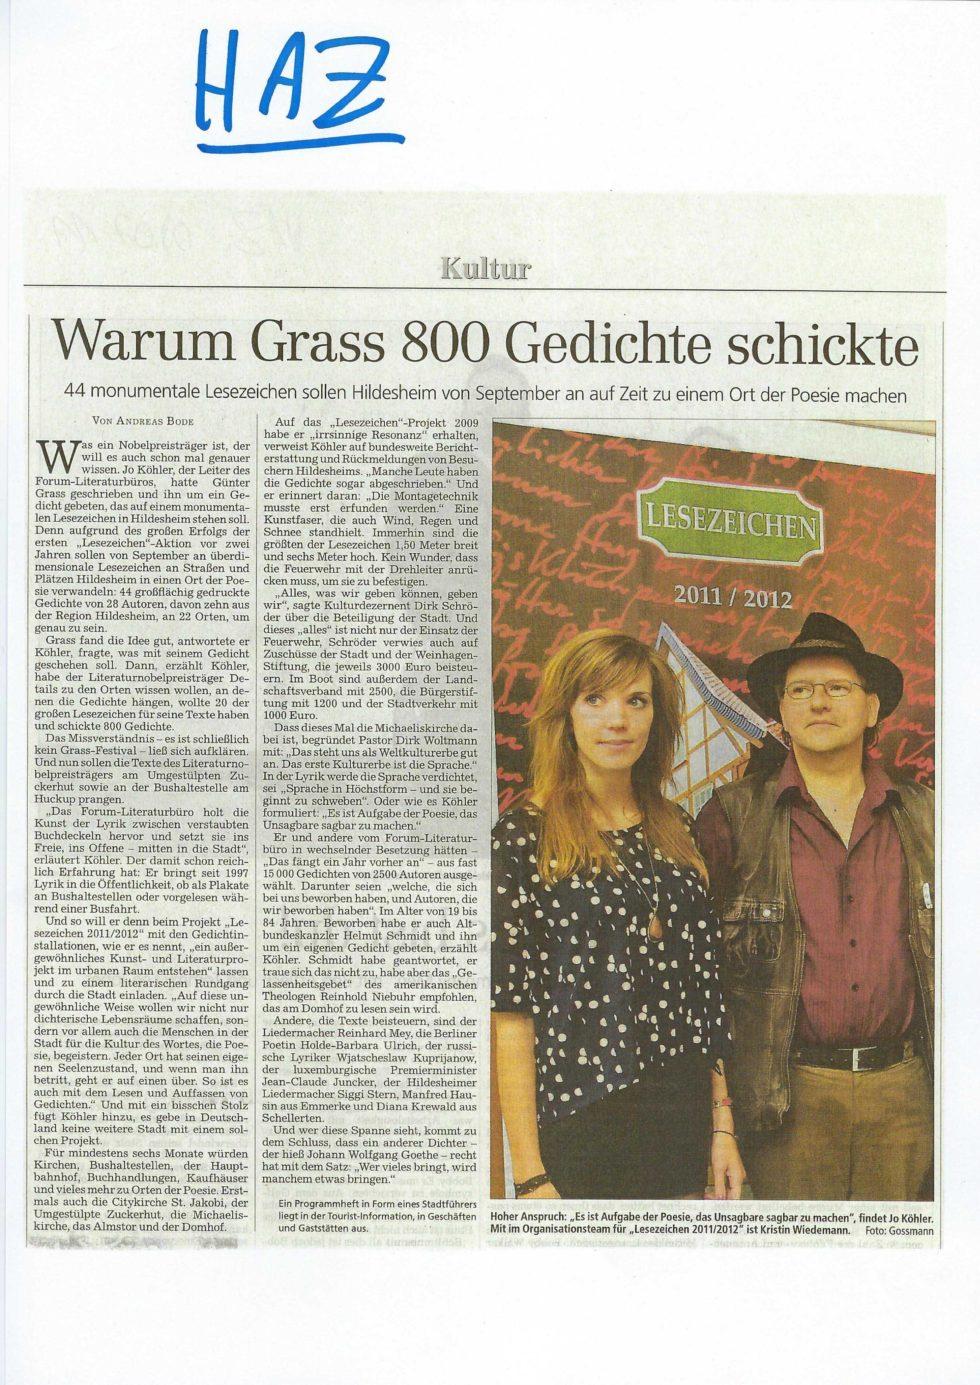 2011 LeseZeichen + 20. Juli + Grünen Wettbewerb_Seite_06